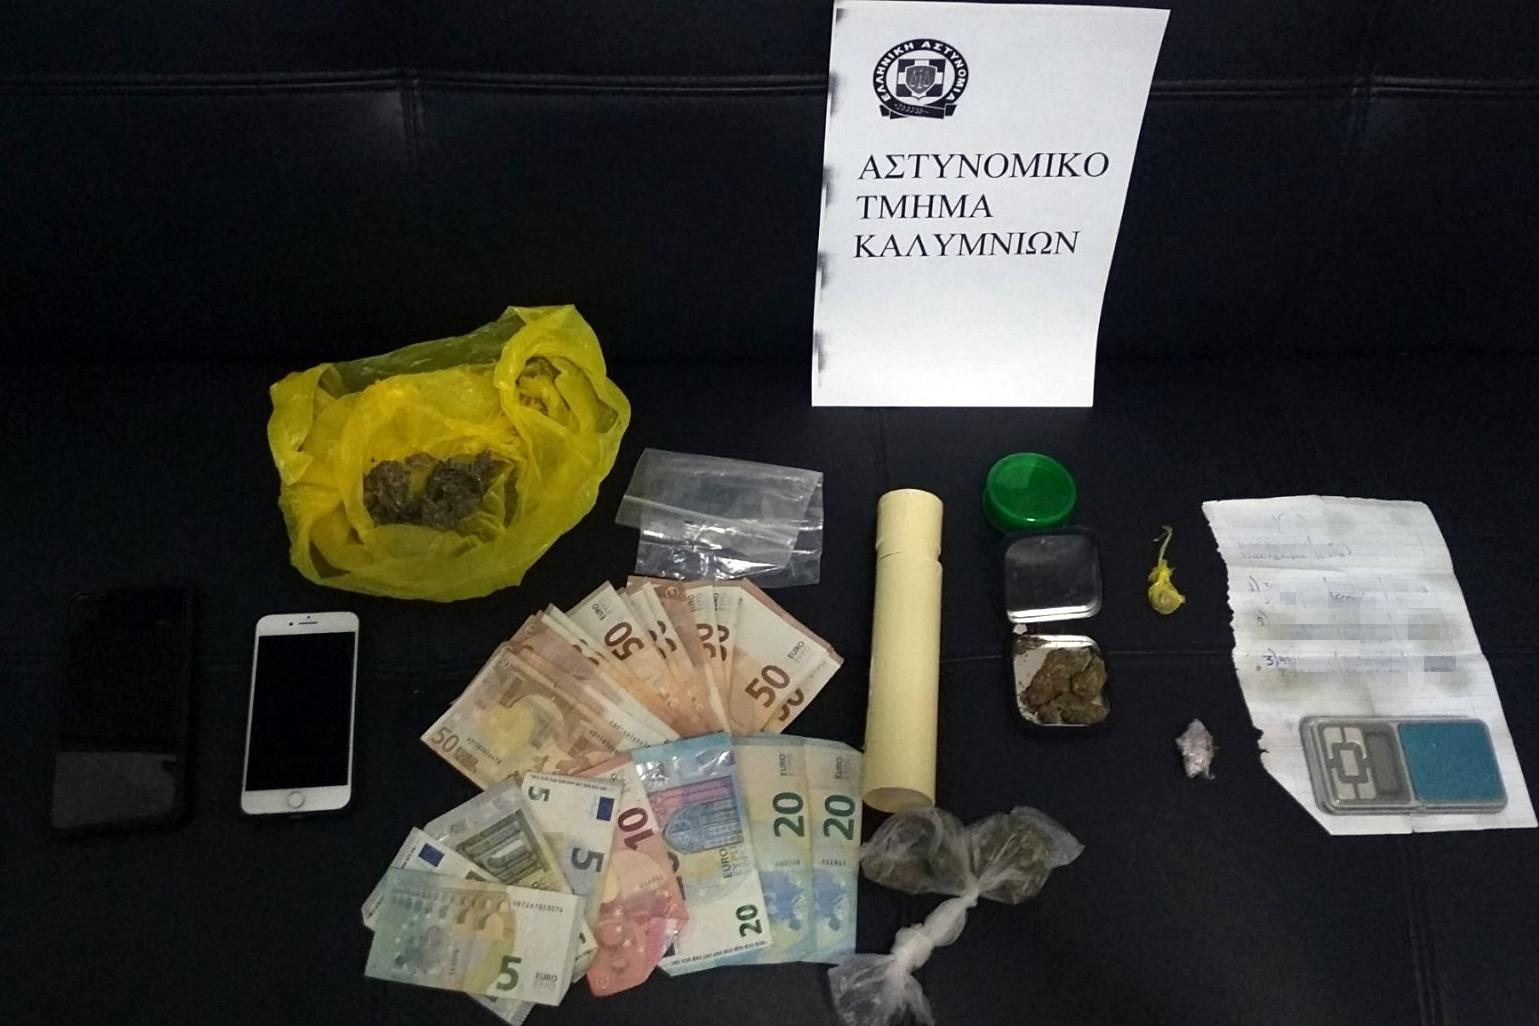 Συνελήφθησαν δύο άνδρες για αγοραπωλησία και κατοχή ναρκωτικών ουσιών στην Κάλυμνο